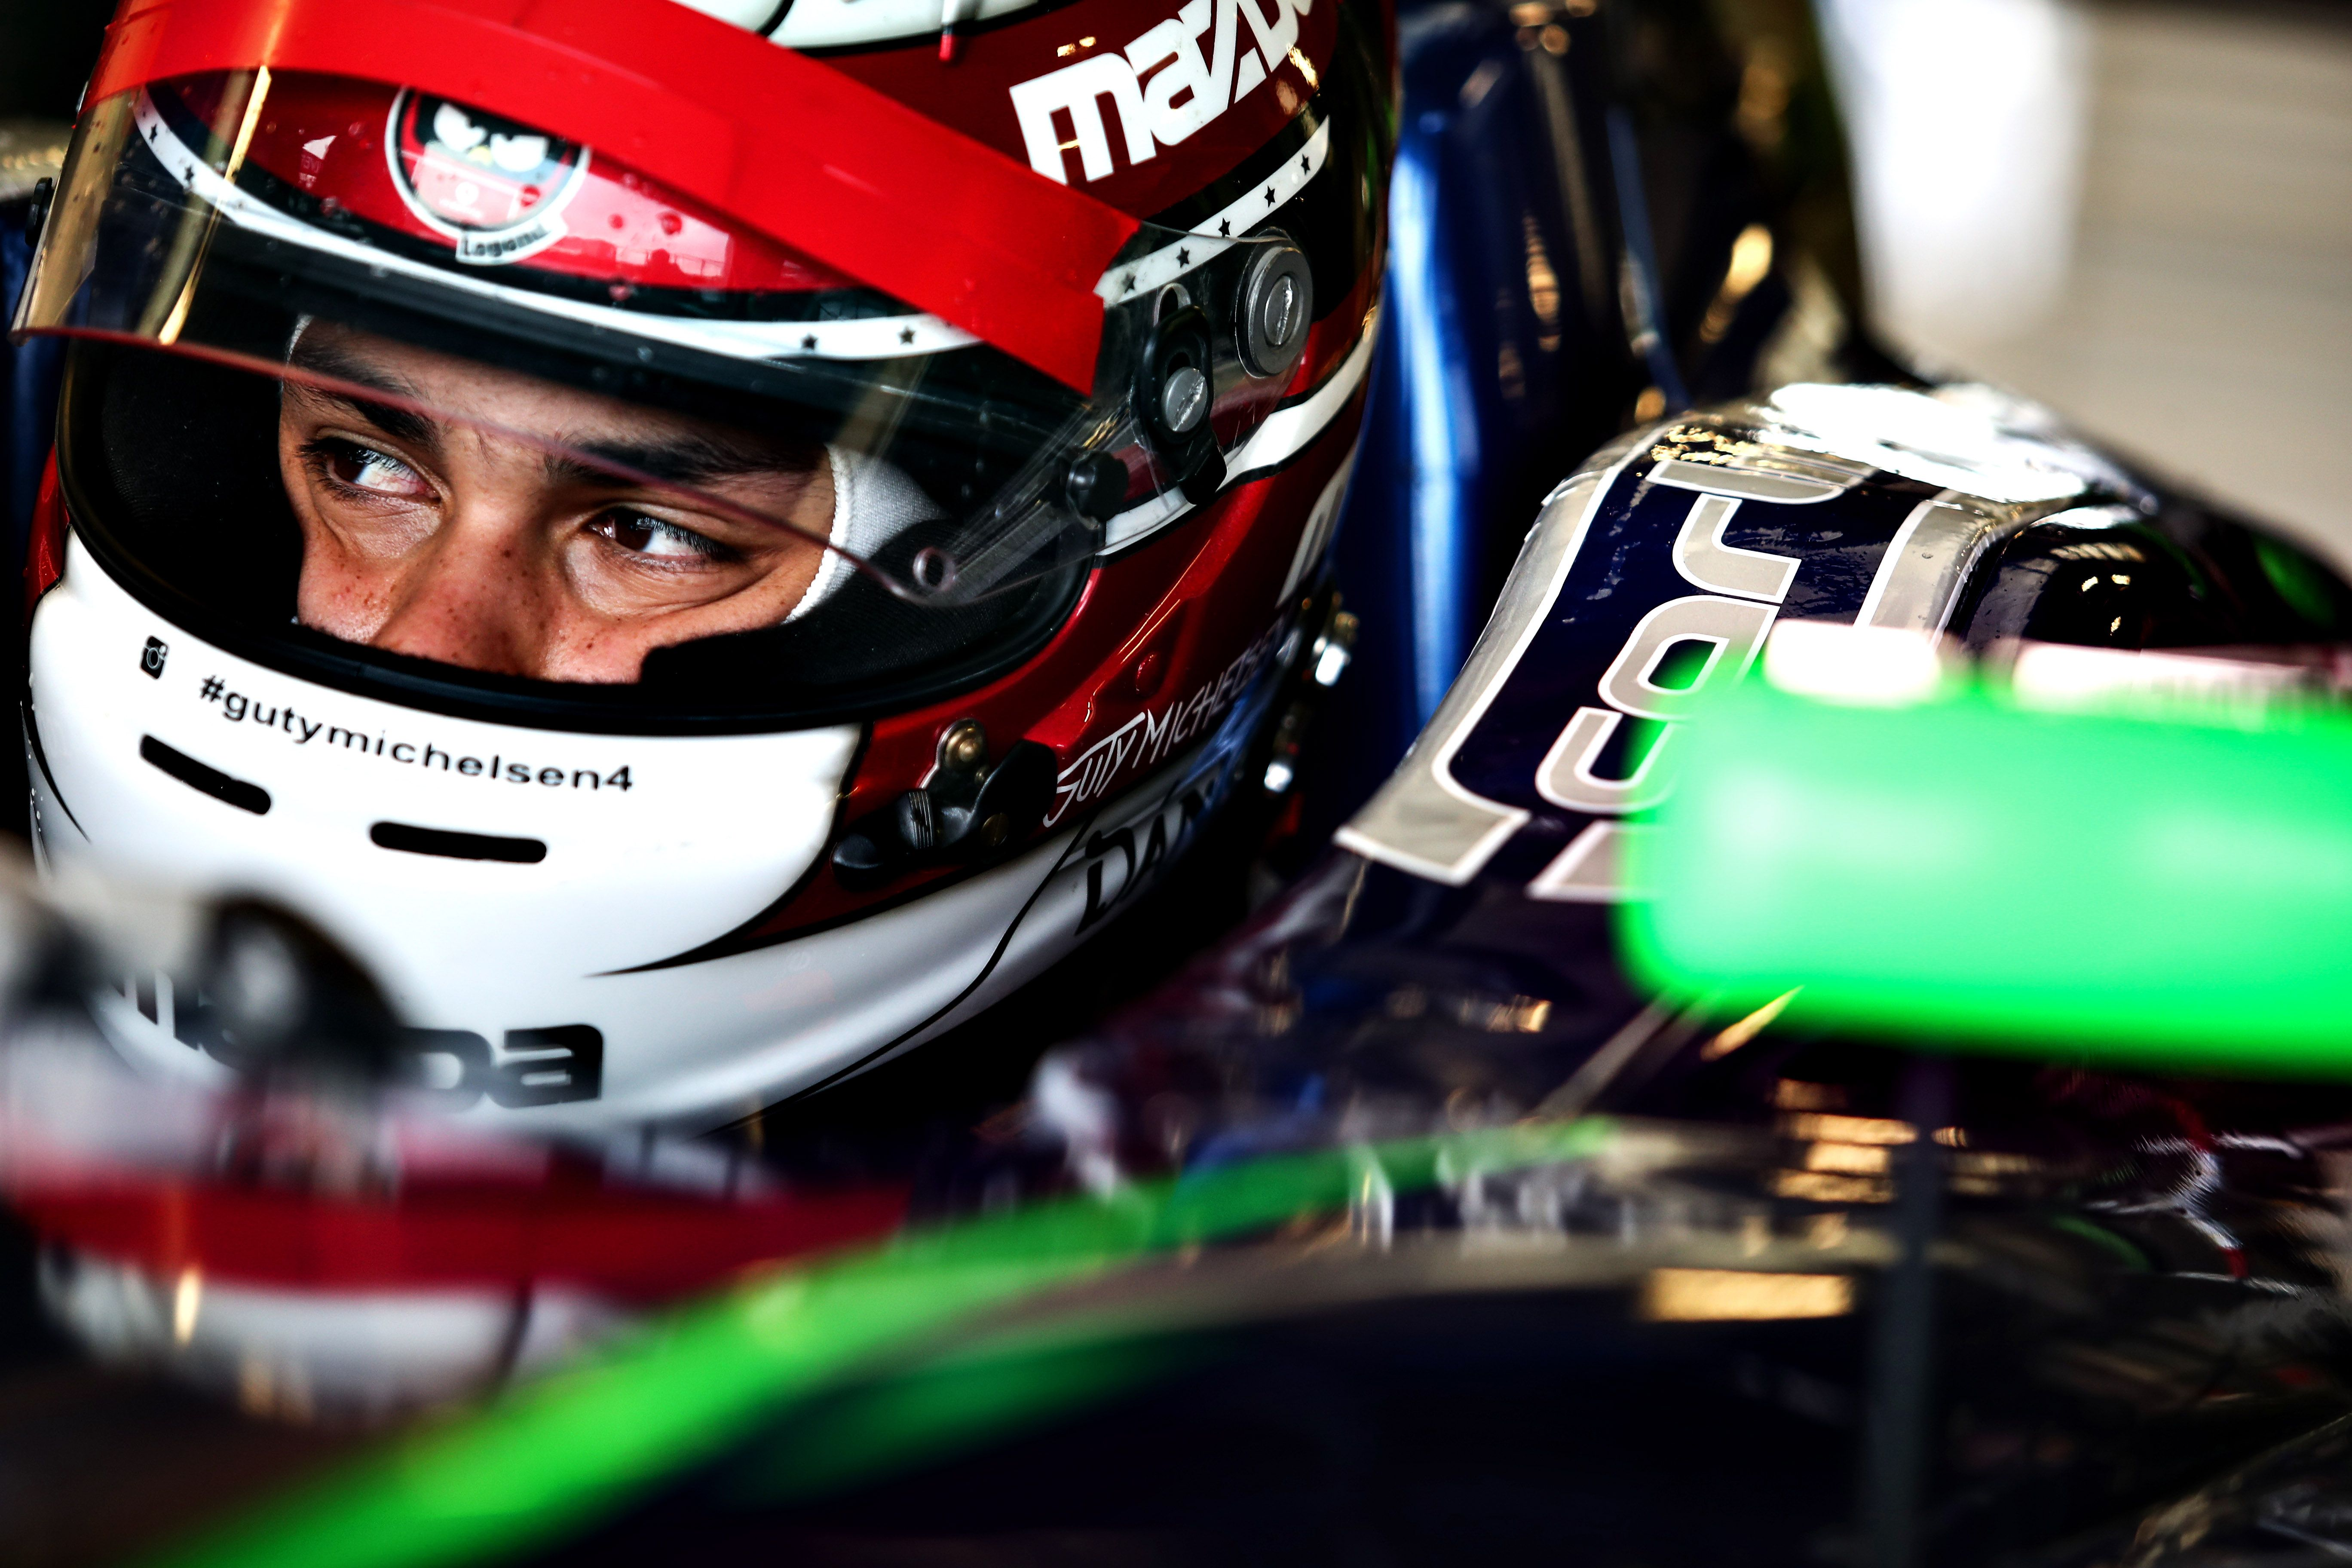 Piloto peruano Matías Zagazeta da el salto del karting a la Fórmula 4